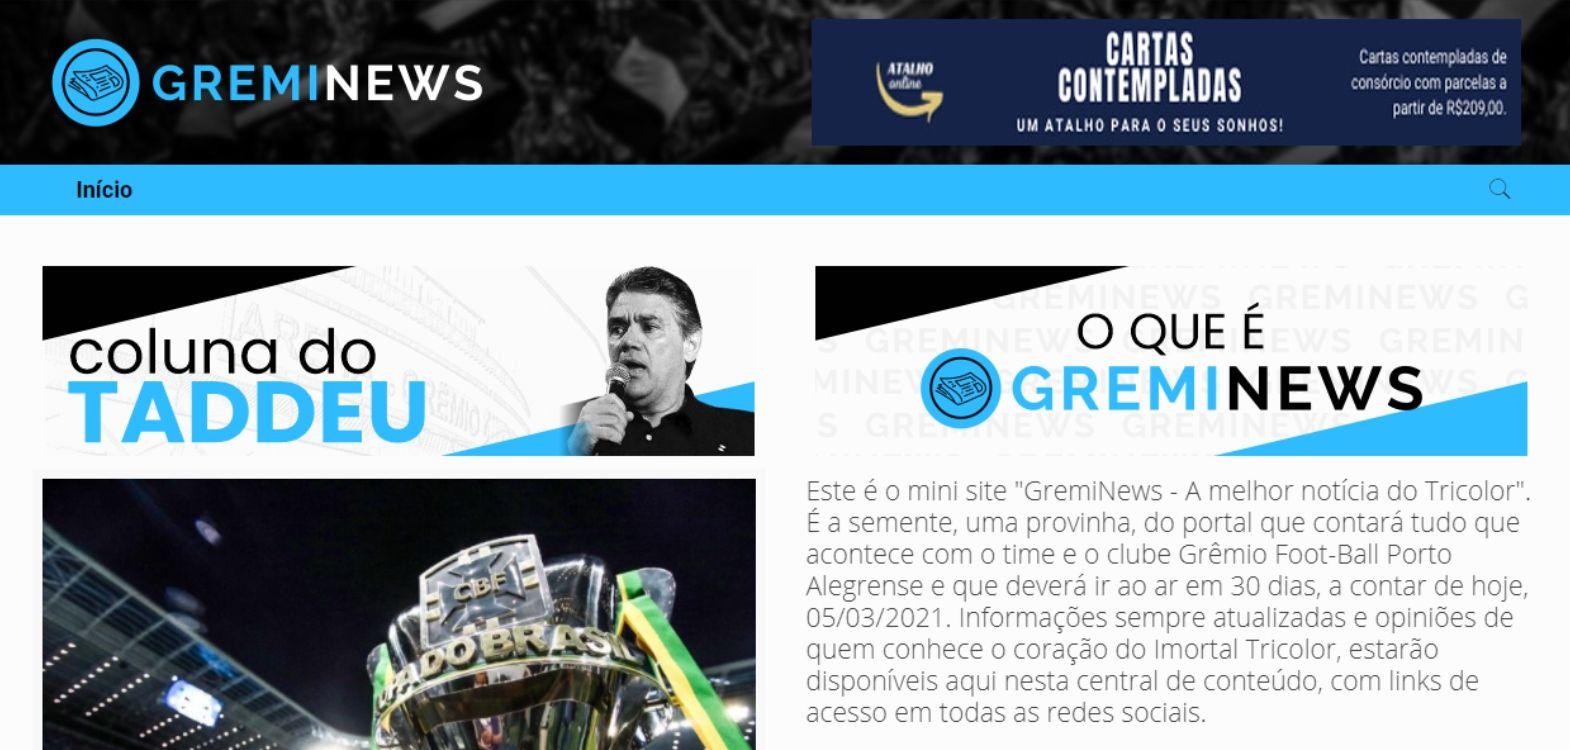 Site da Greminews